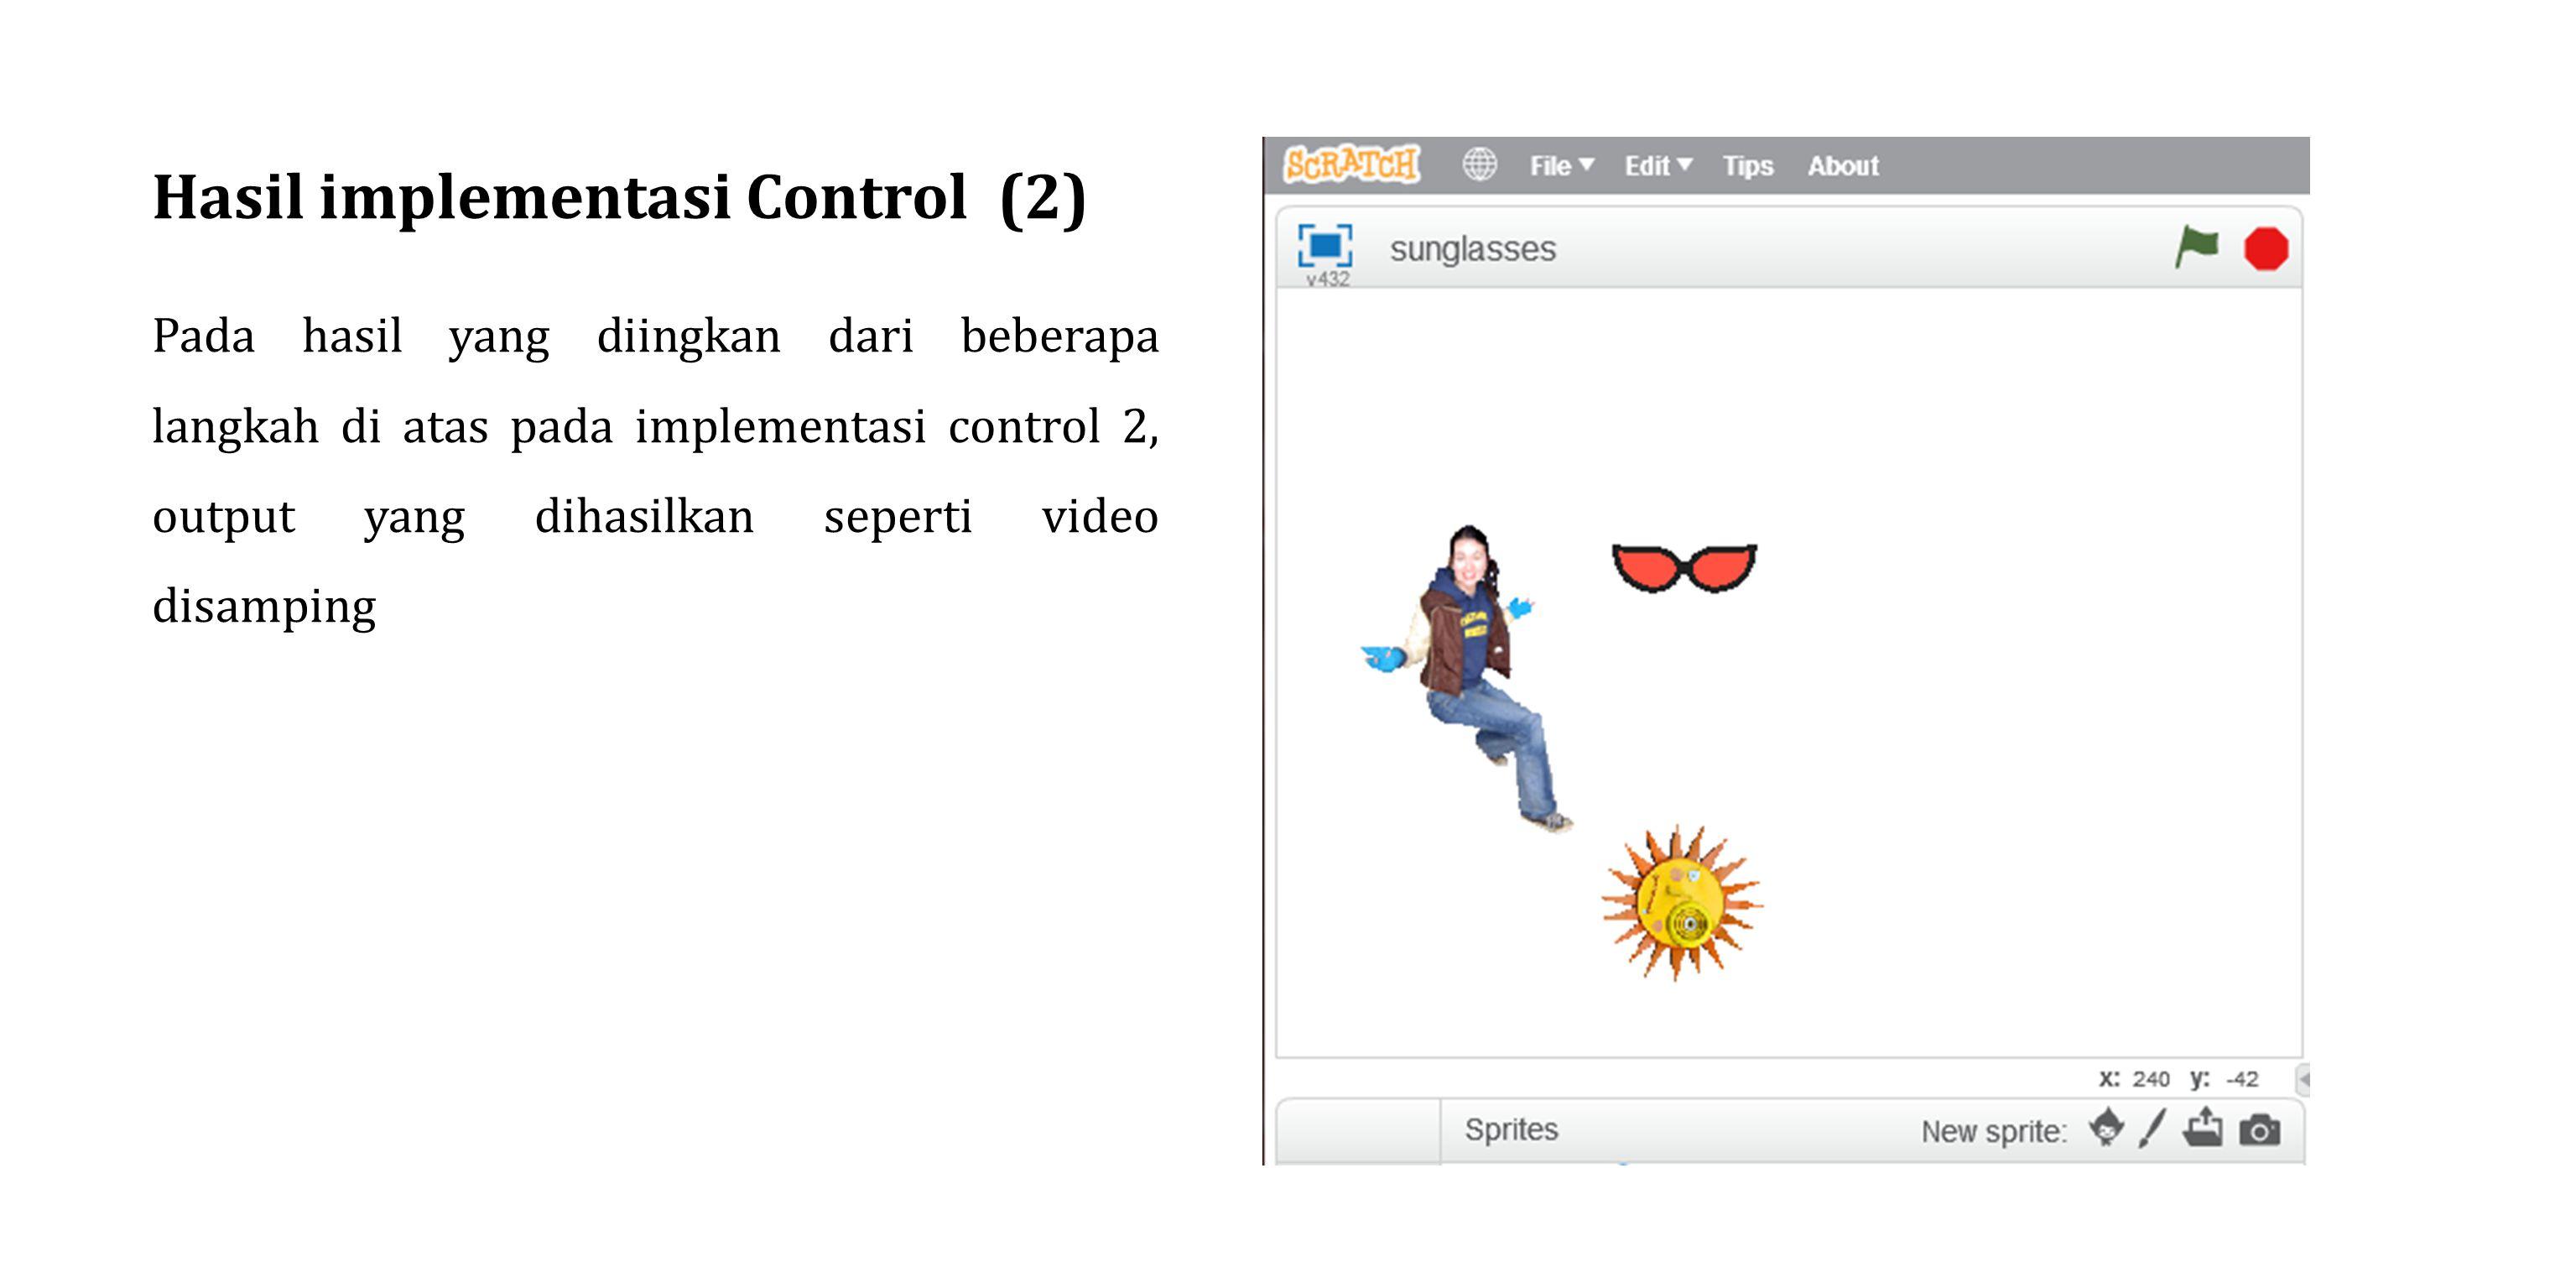 Hasil implementasi Control (2) Pada hasil yang diingkan dari beberapa langkah di atas pada implementasi control 2, output yang dihasilkan seperti vide